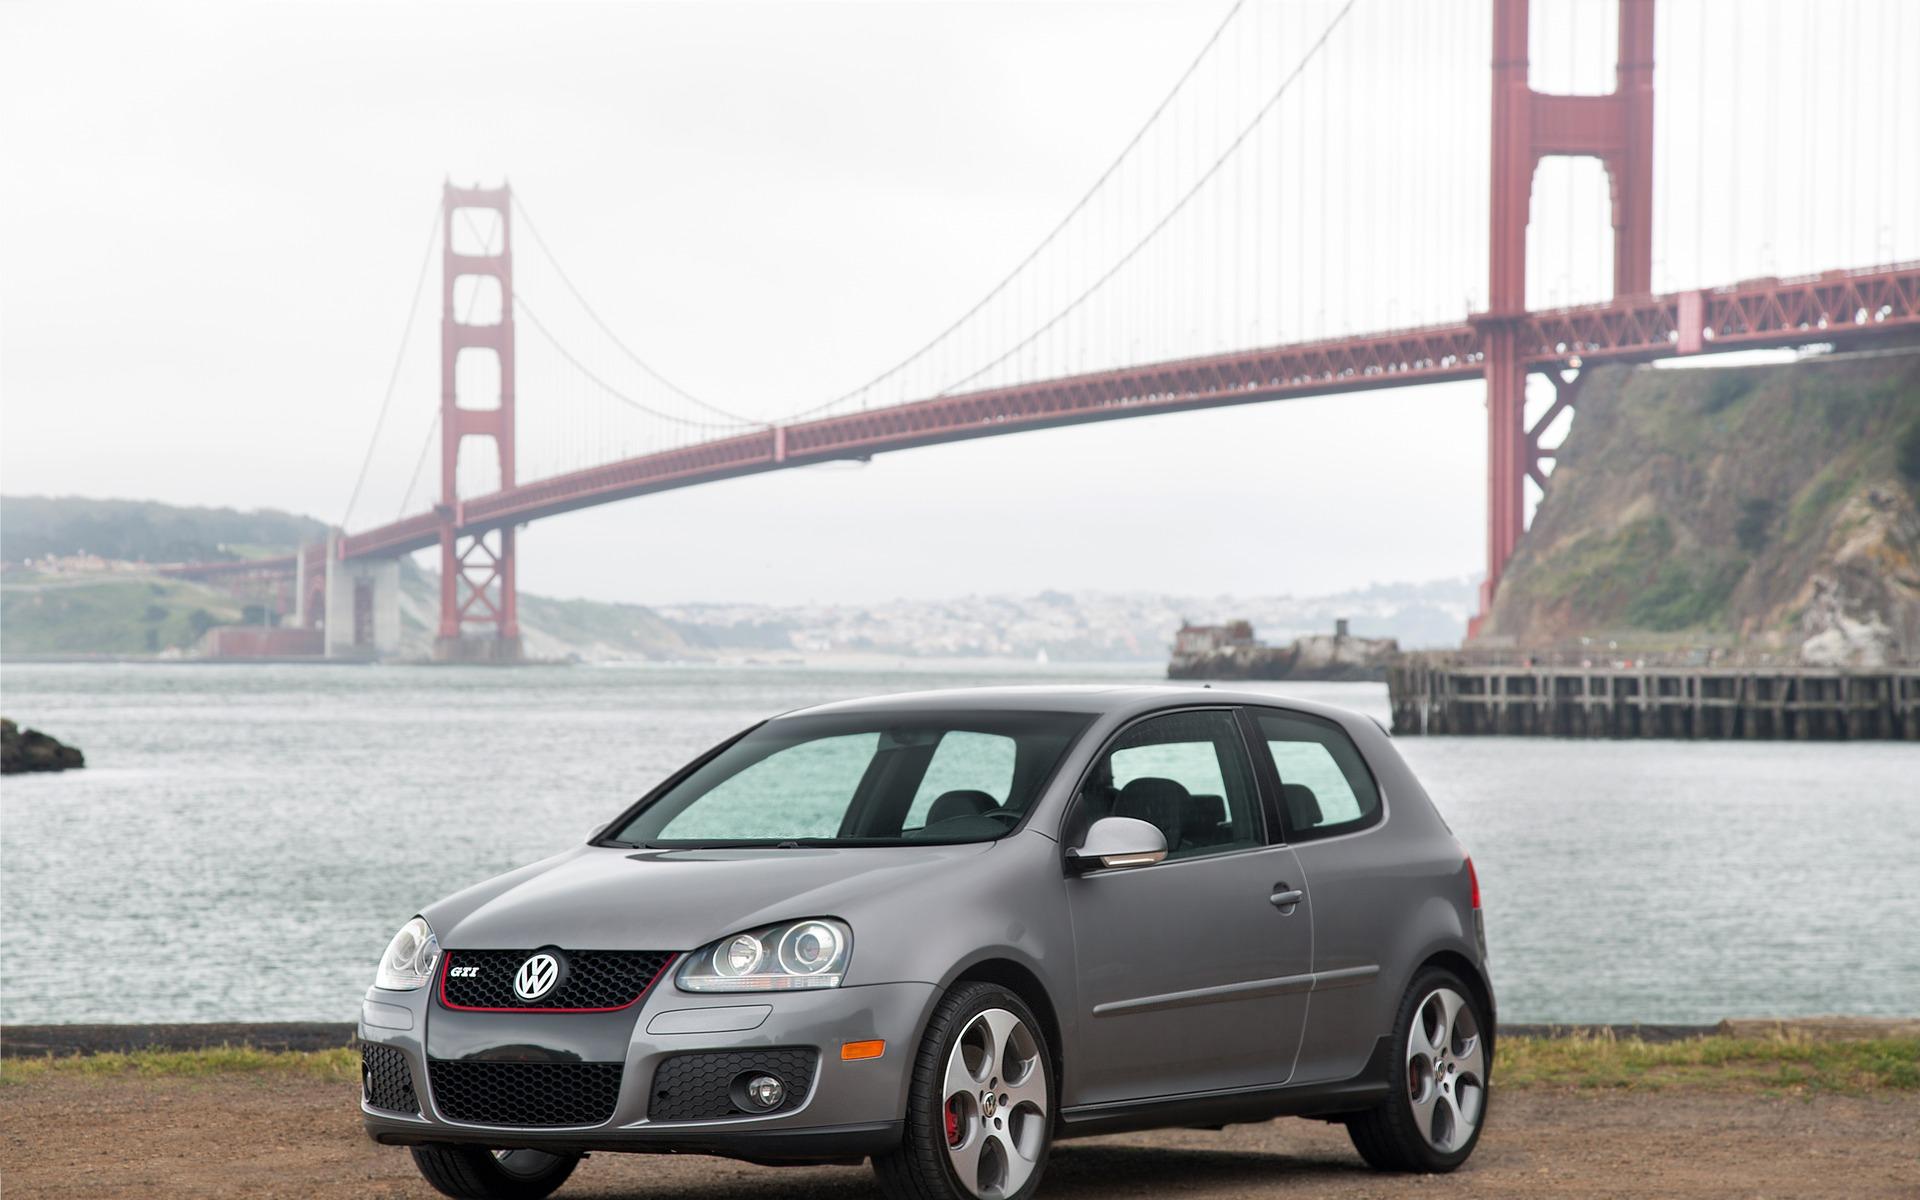 Volkswagen Golf : l'avenir de Volkswagen… depuis 45 ans! 387816_Volkswagen_Golf